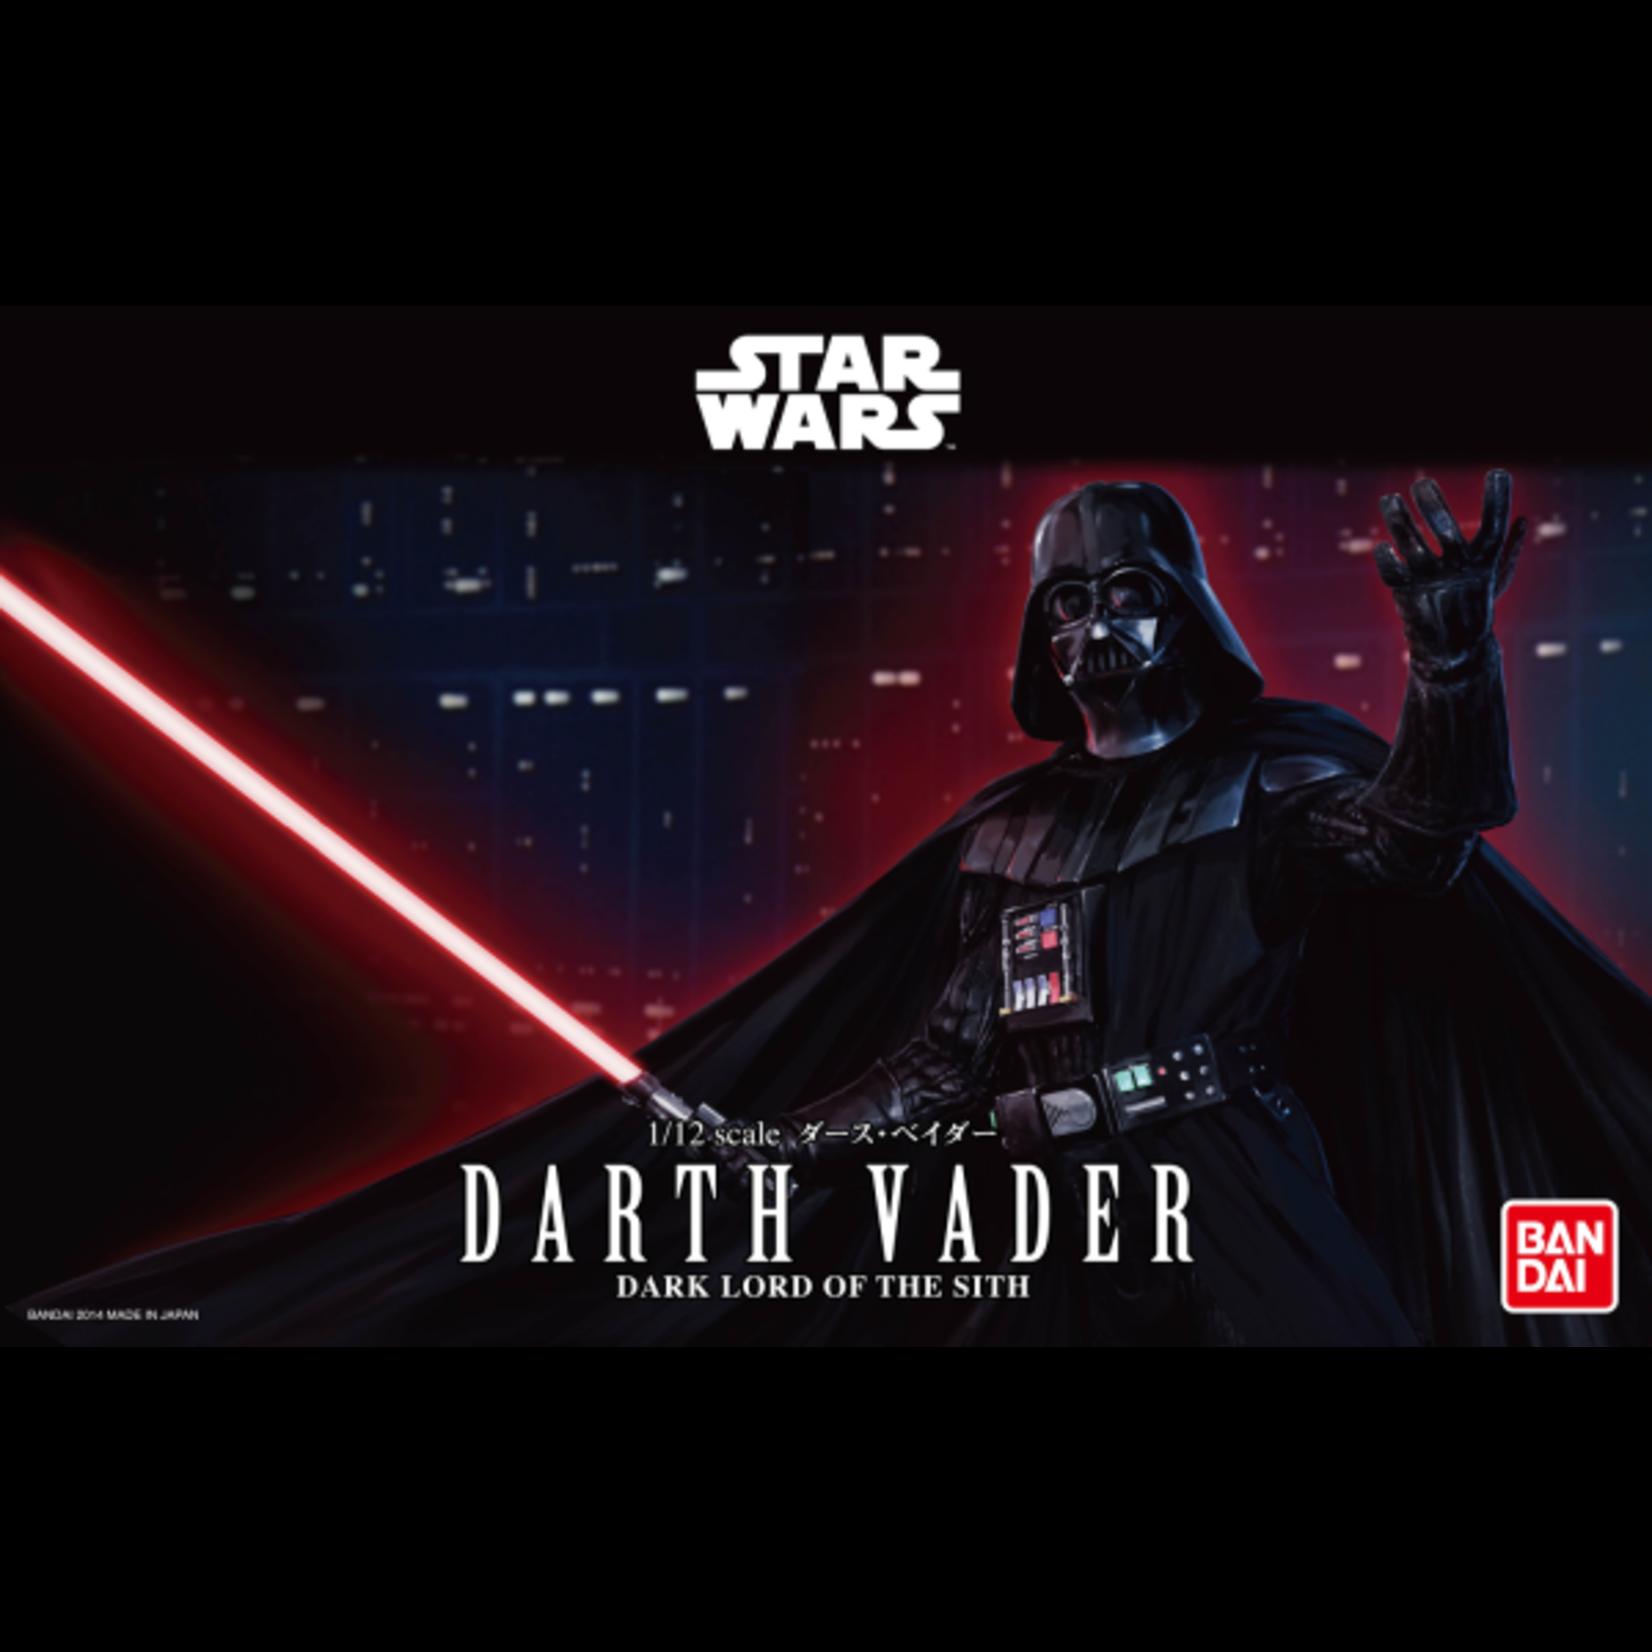 Bandai Darth Vader 1/12